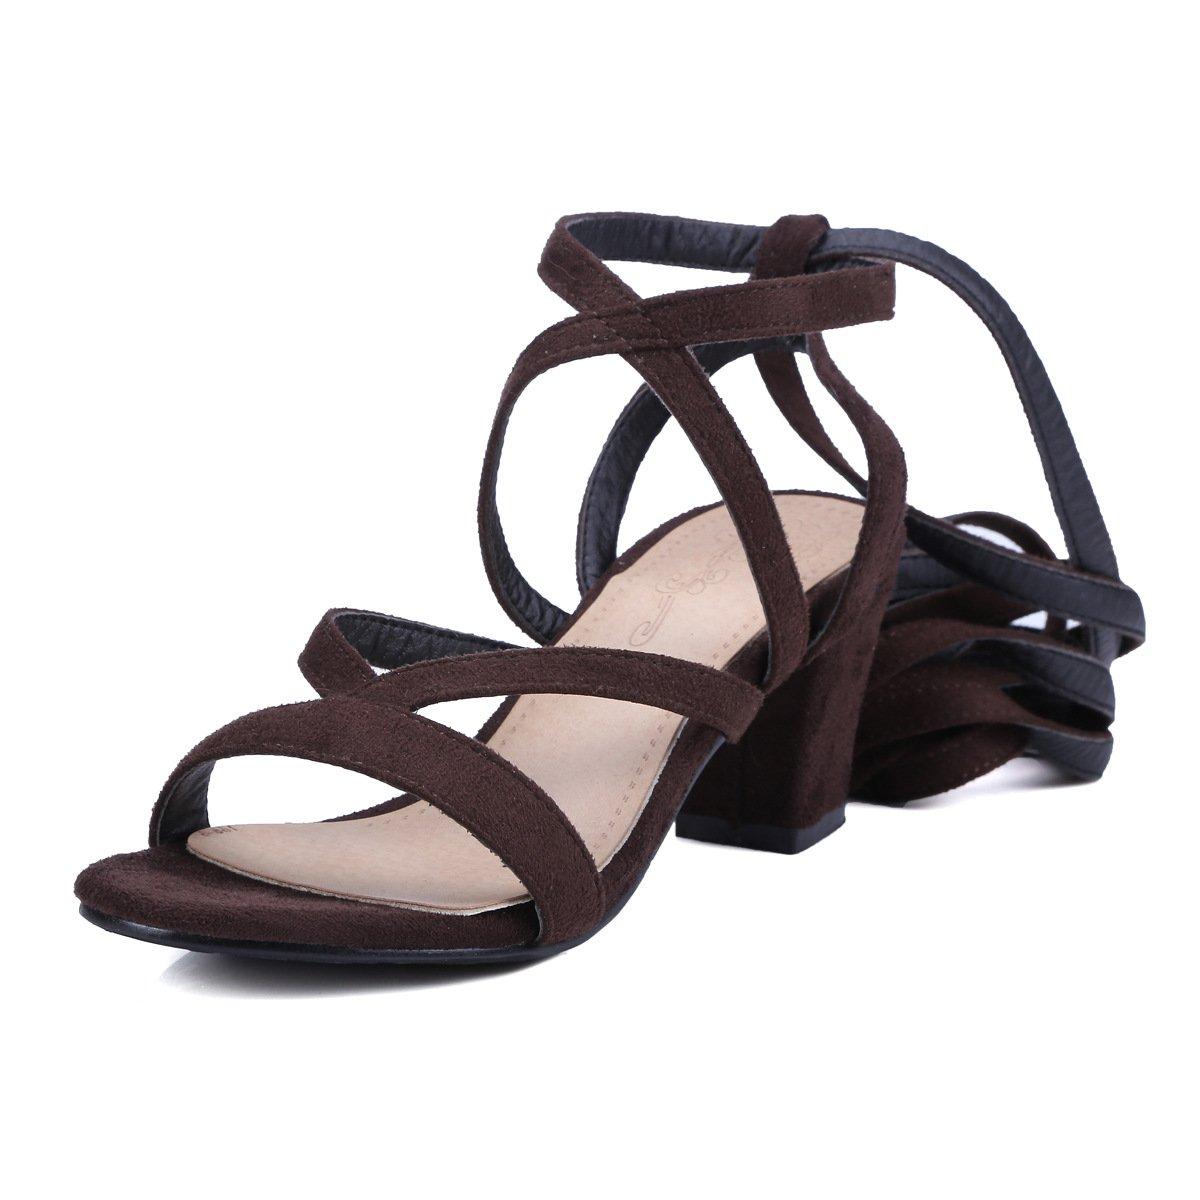 Sandalen Woherren Open Toe High High High Heels Dünnen Gürtel Riemchen Römische Schuhe Braun 40 e9b88b